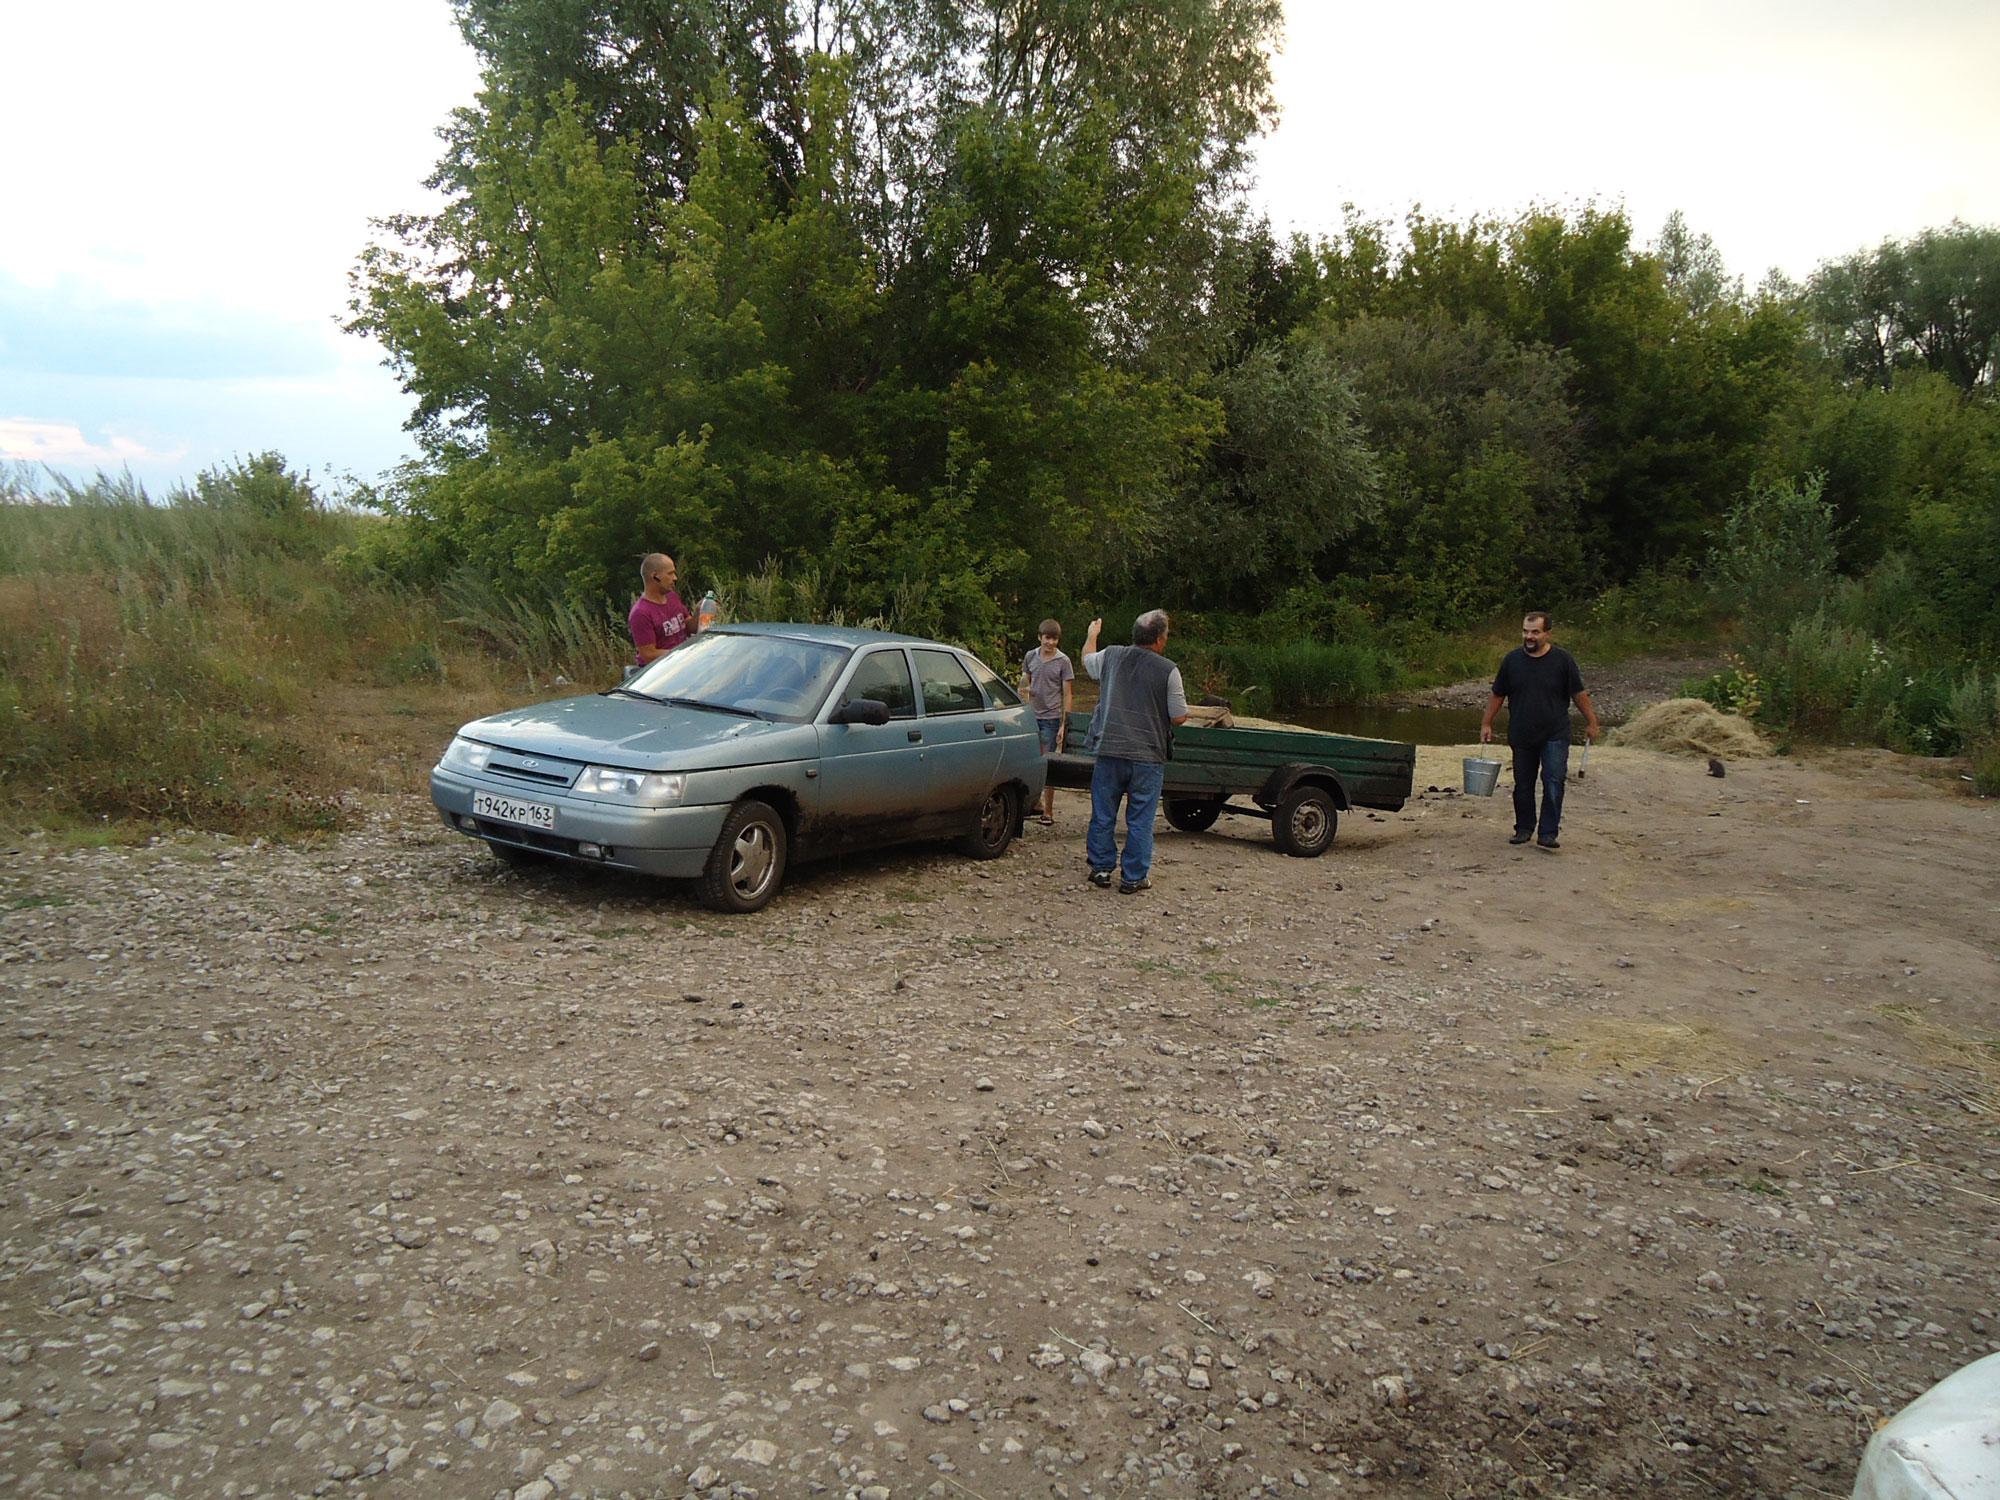 Фото одного дня 5 августа 2014г. В деревне.